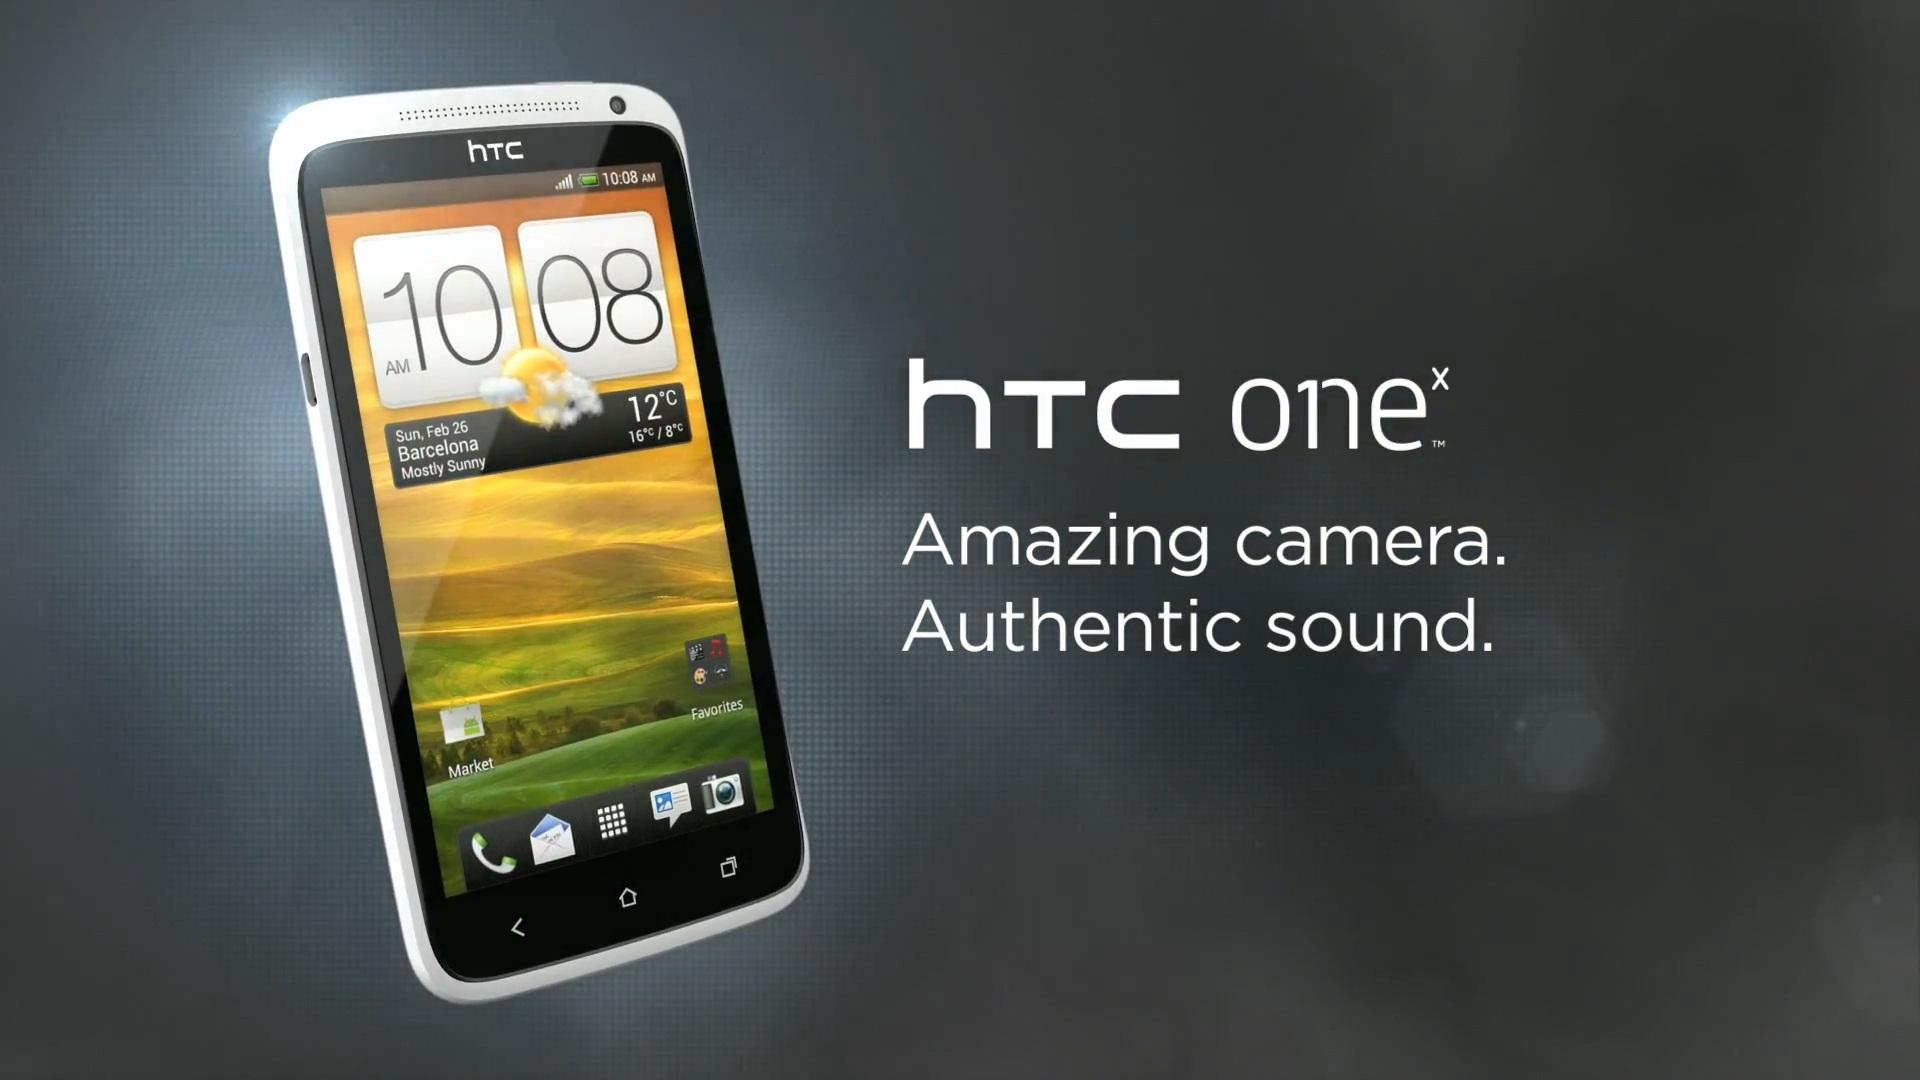 HTC-One-X-un-móvil-ideal-para-hacer-fotografías